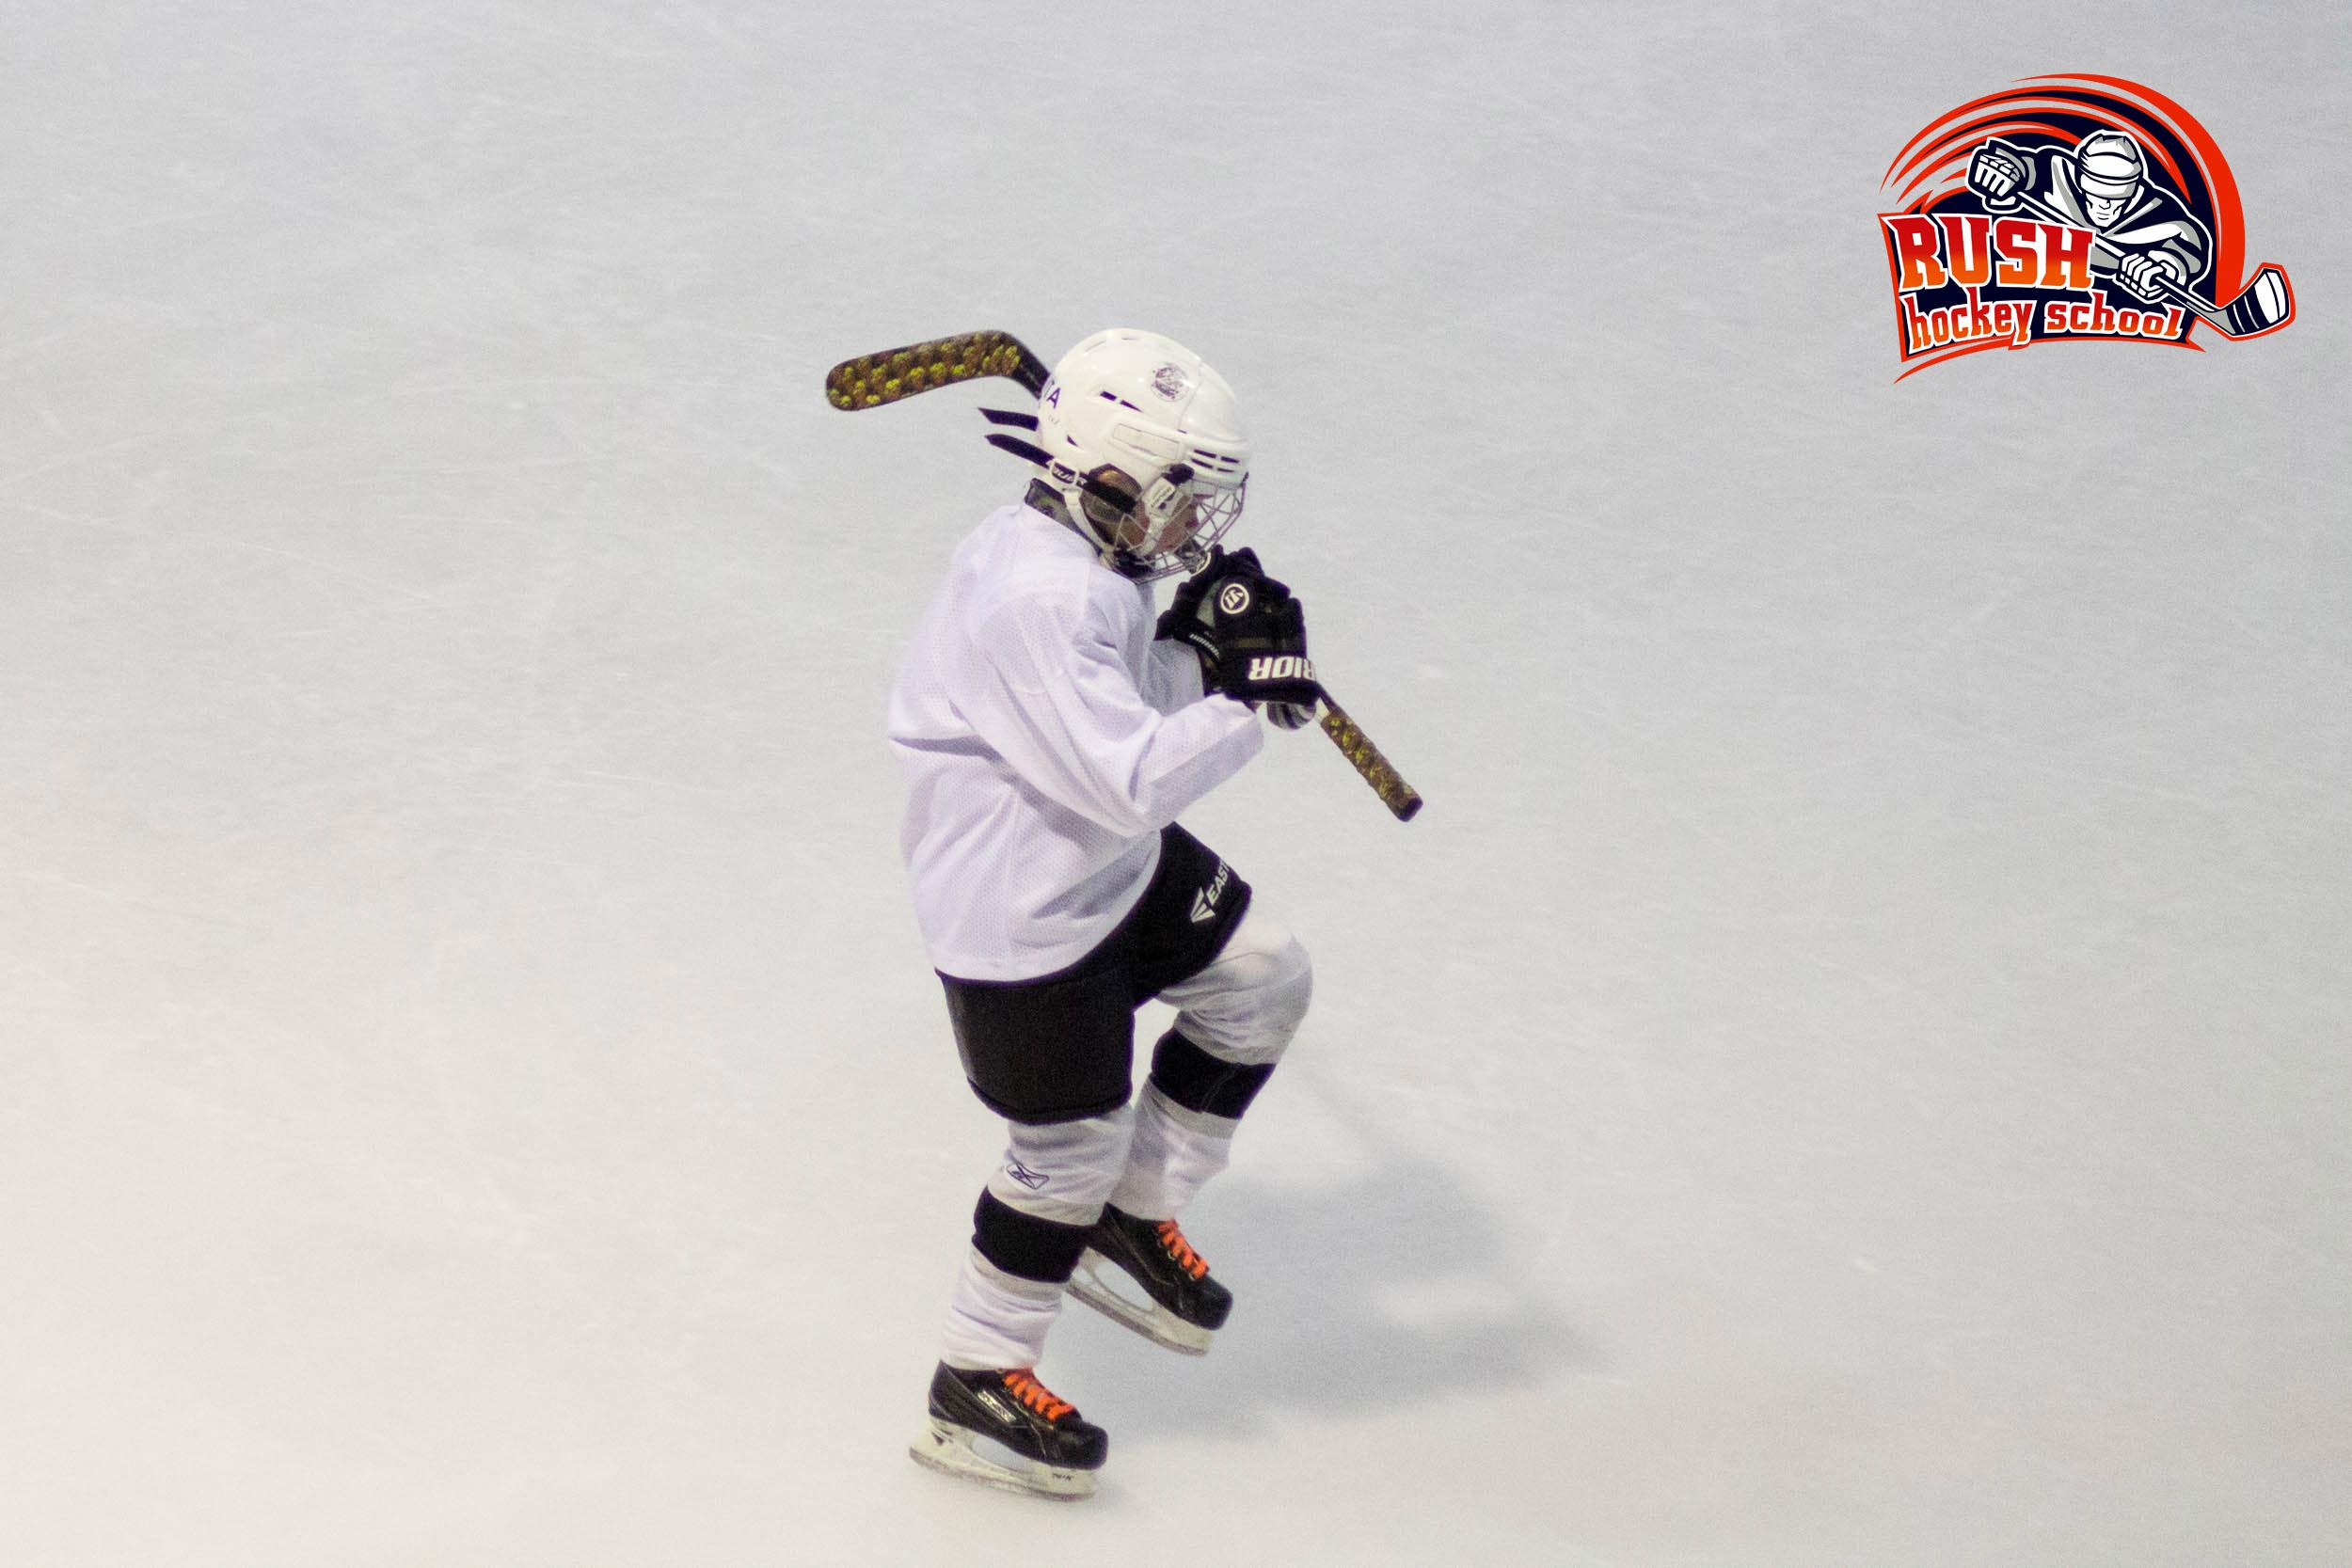 Хоккейные сборы 2016 г  в спортивной школе RUSH